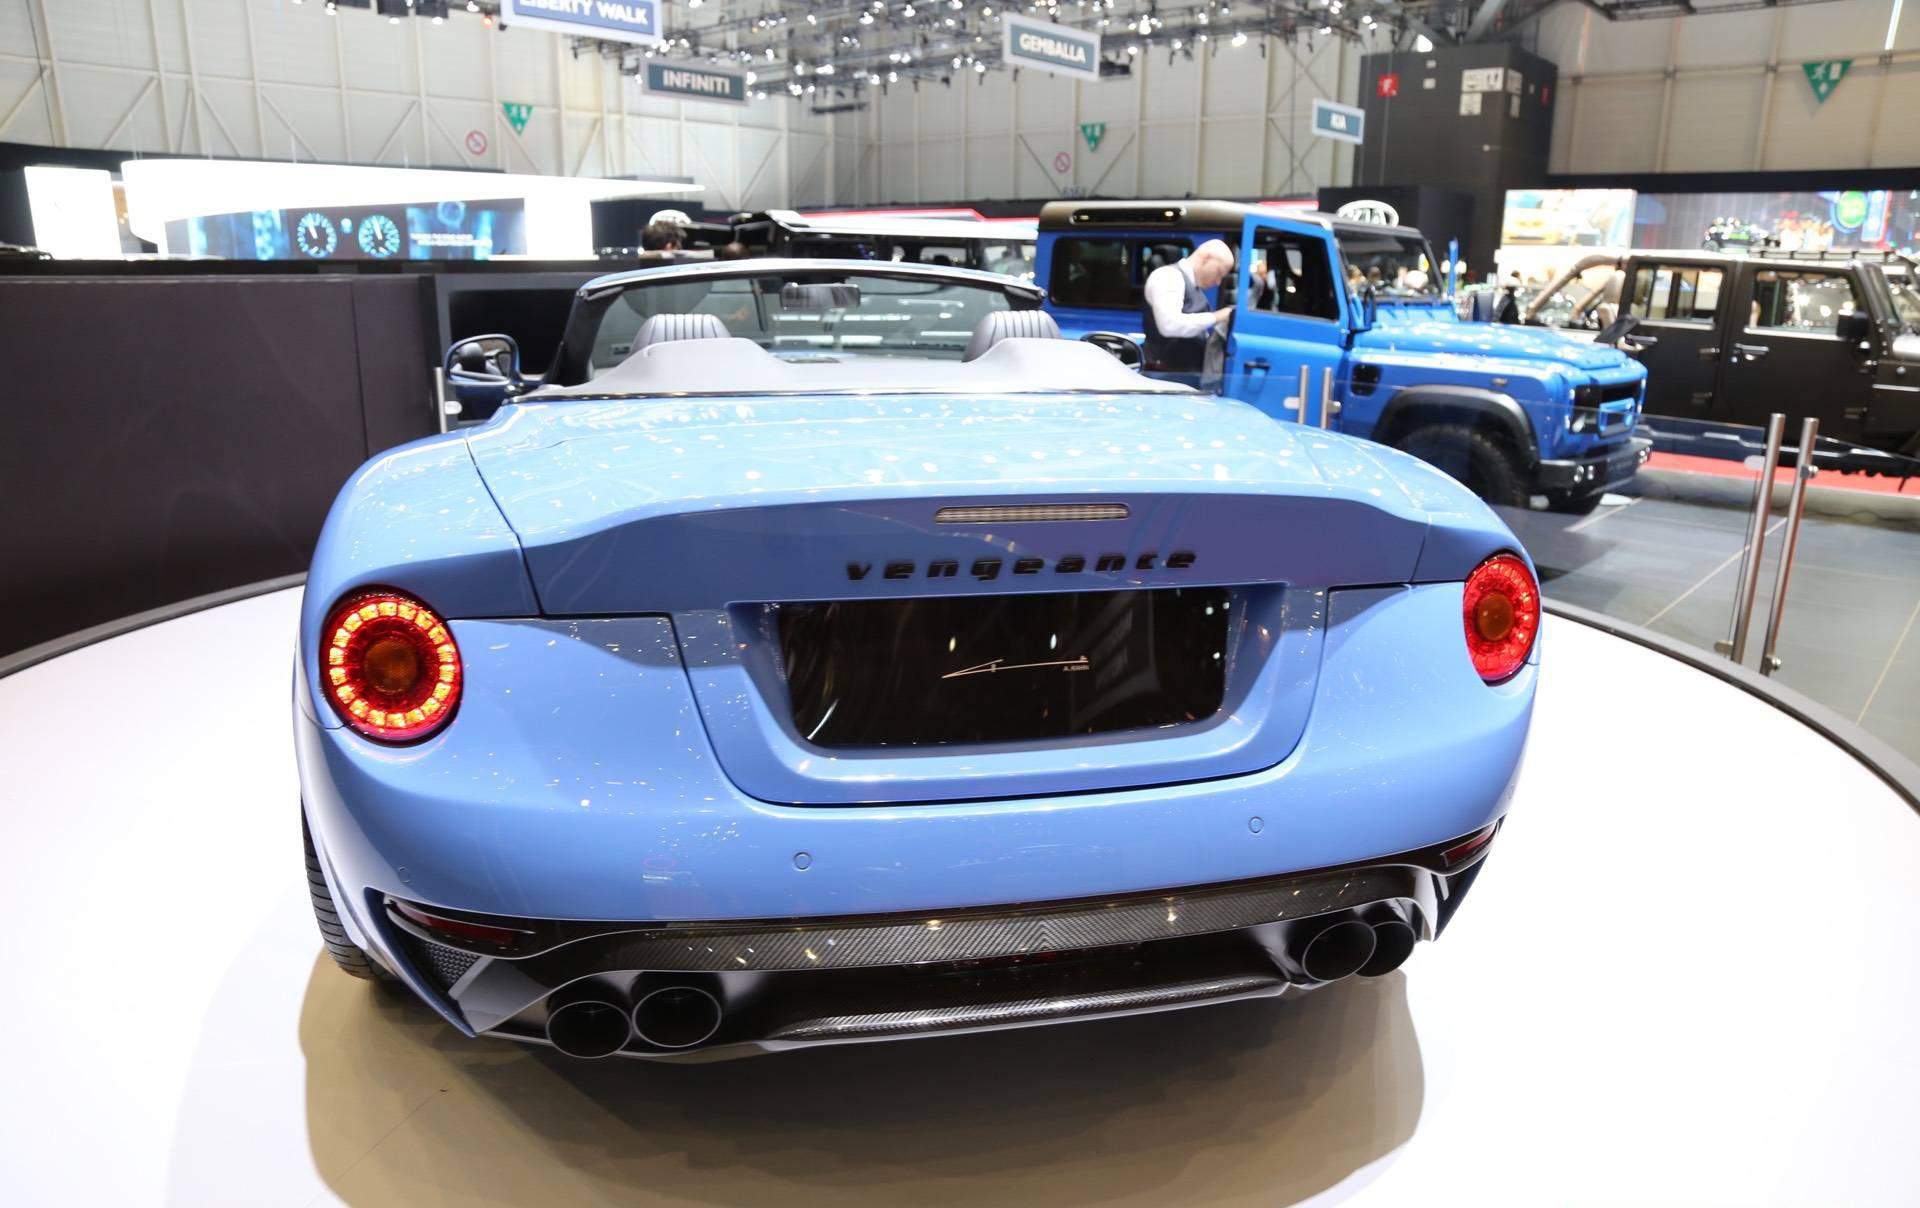 Основываясь на прошлогоднем дебюте, теперь компания предлагает высокопроизводительный кабриолет в сочетании с их нестандартным дизайном.